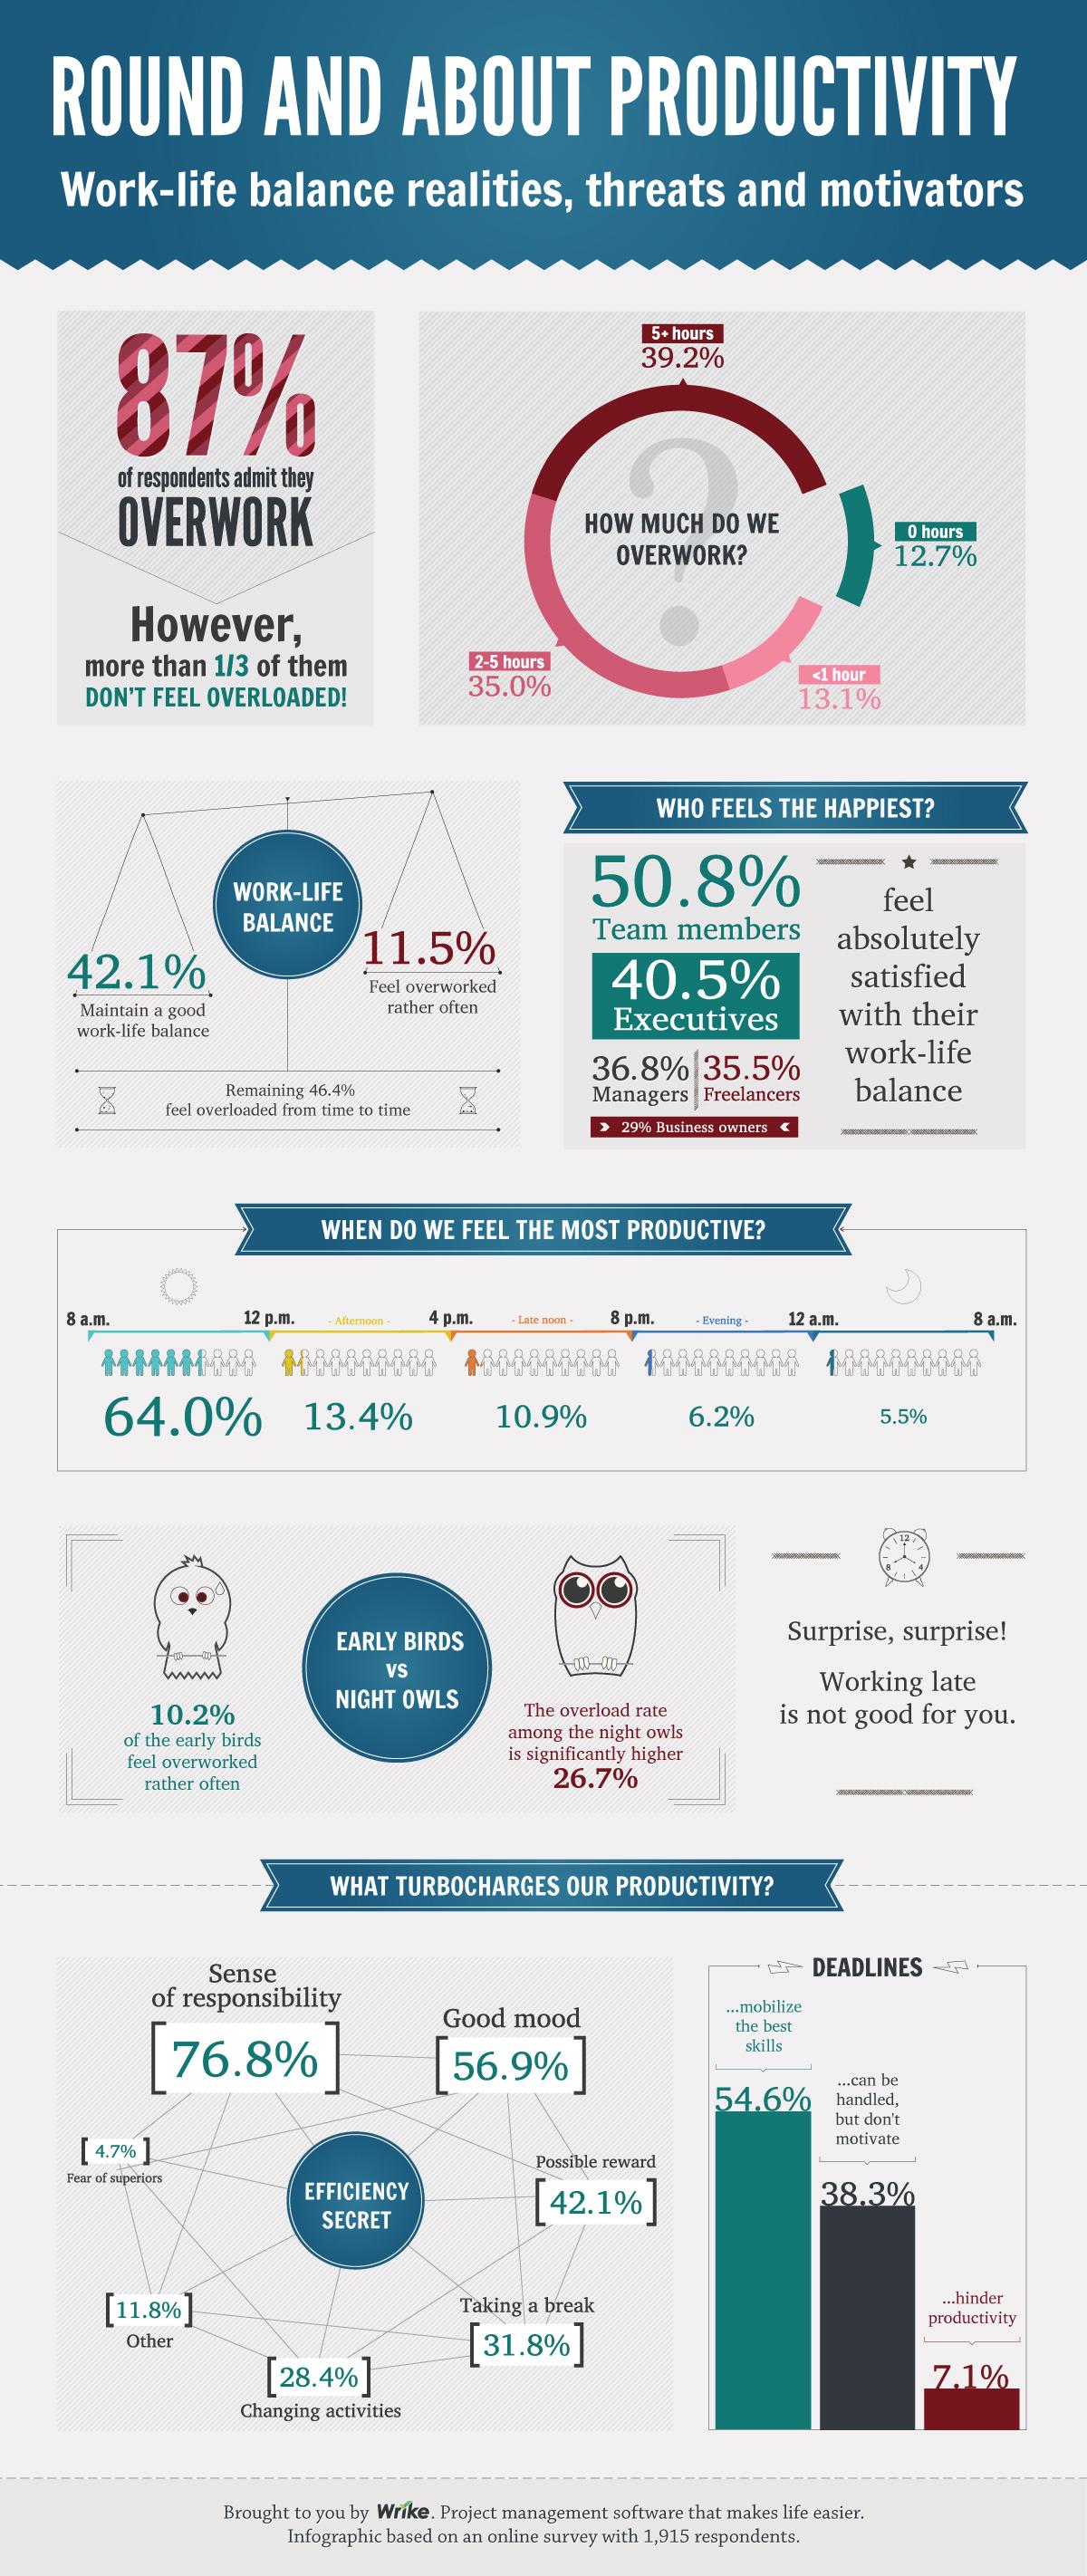 https://i1.wp.com/www.wrike.com/blog_images/311816/Wrike_productivity_survey_infographic.jpg